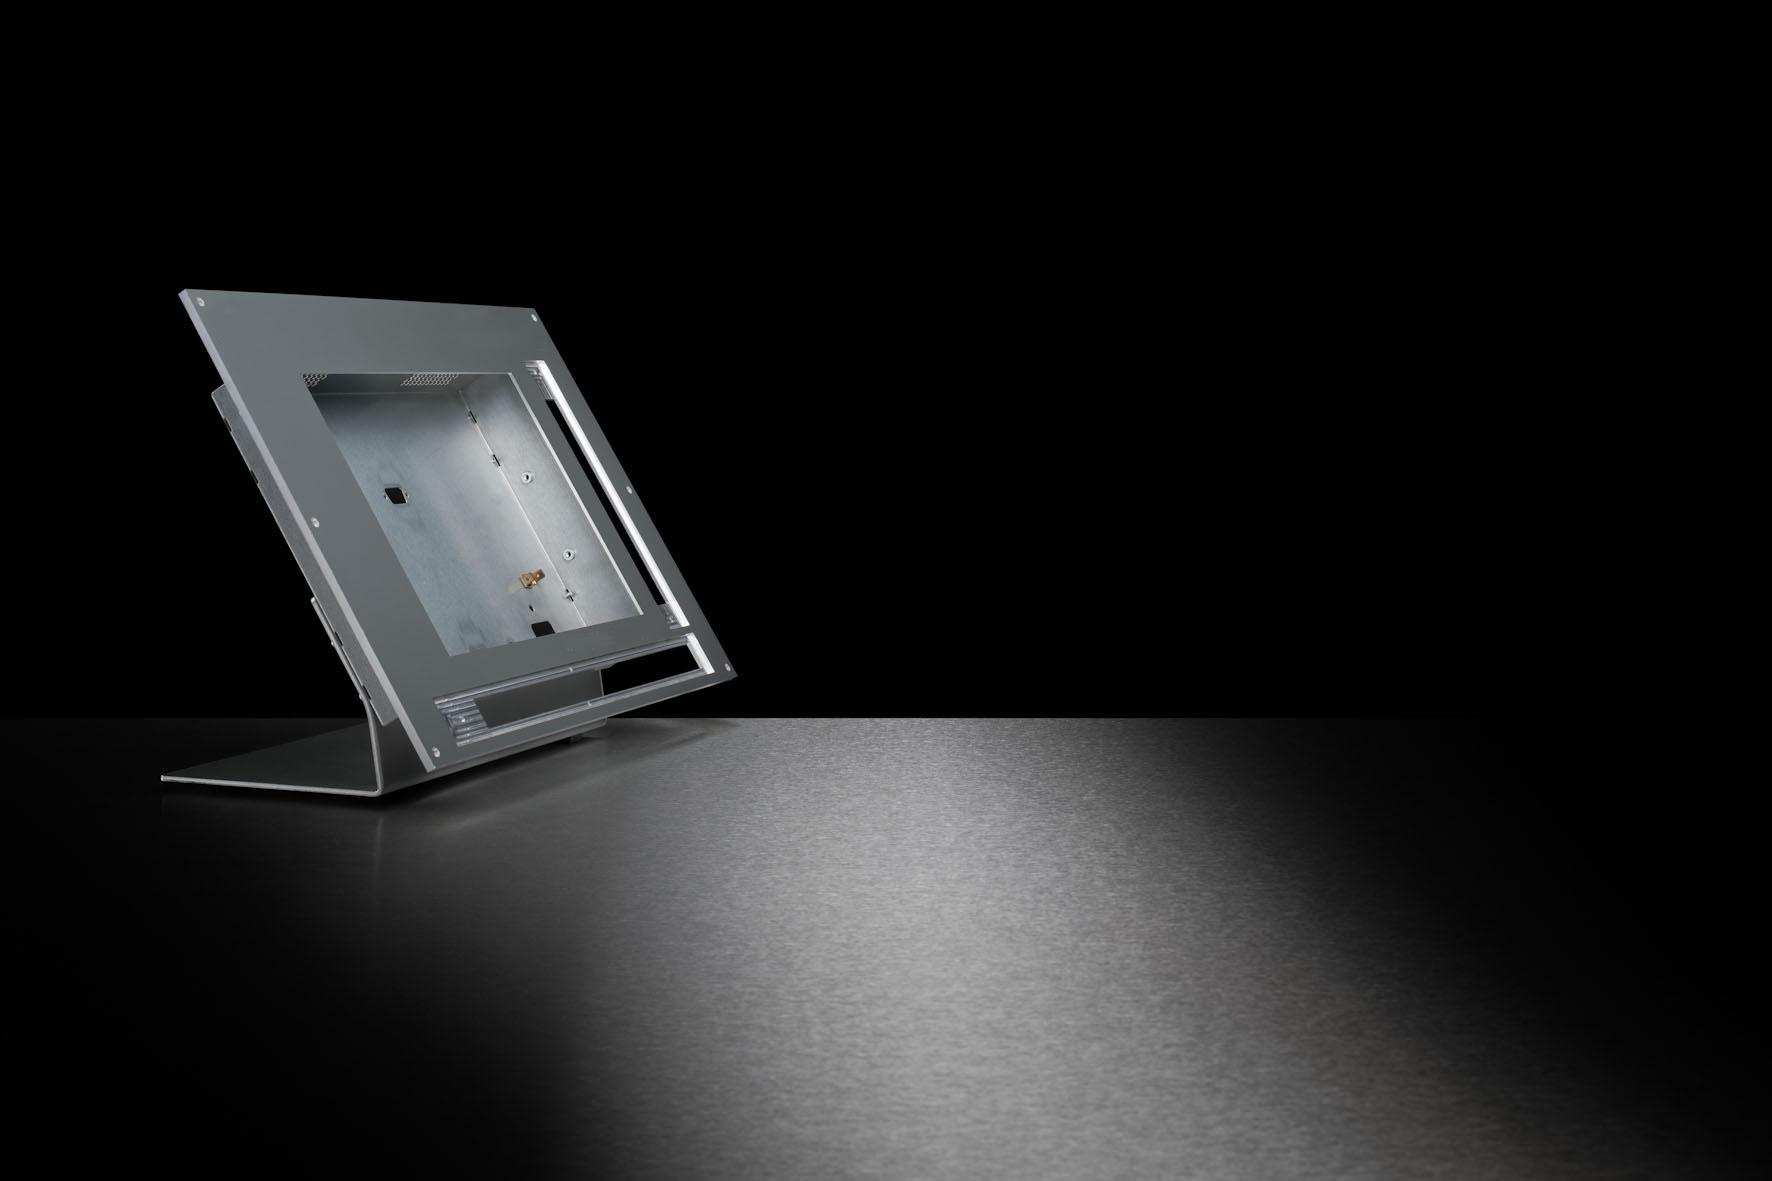 Displaygehäuse mit Standfuß und Aluminium-Front mit Ausschnitt für ein Display.